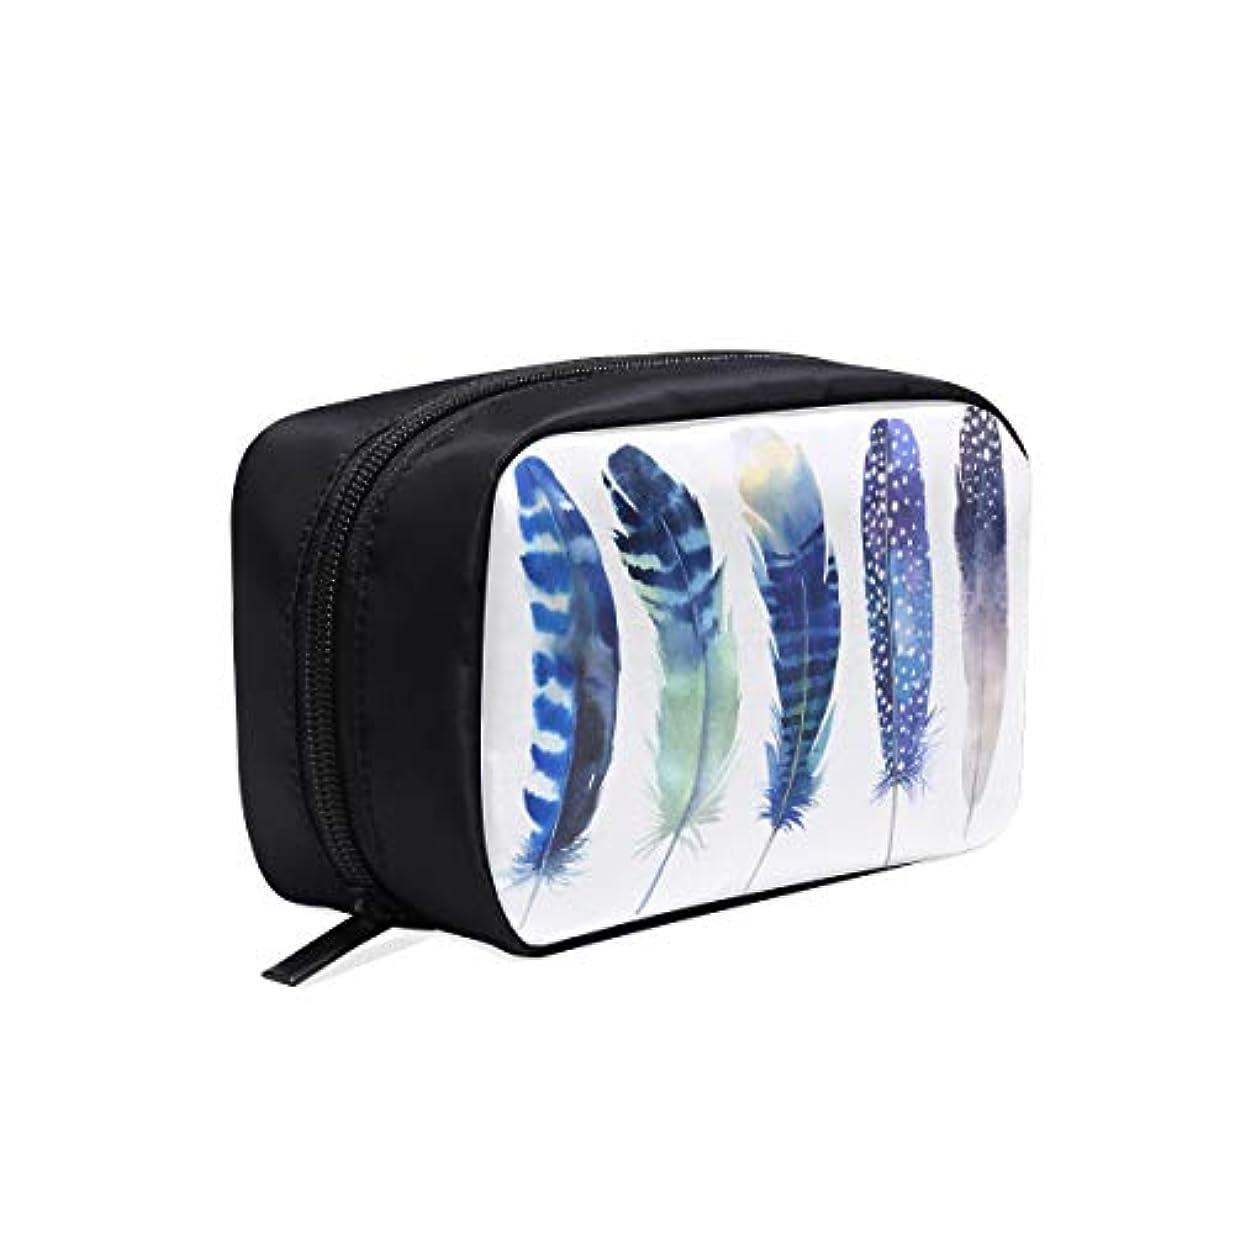 住むレイ抗生物質KWESG メイクポーチ チキンフェザー ボックス コスメ収納 化粧品収納ケース 大容量 収納 化粧品入れ 化粧バッグ 旅行用 メイクブラシバッグ 化粧箱 持ち運び便利 プロ用